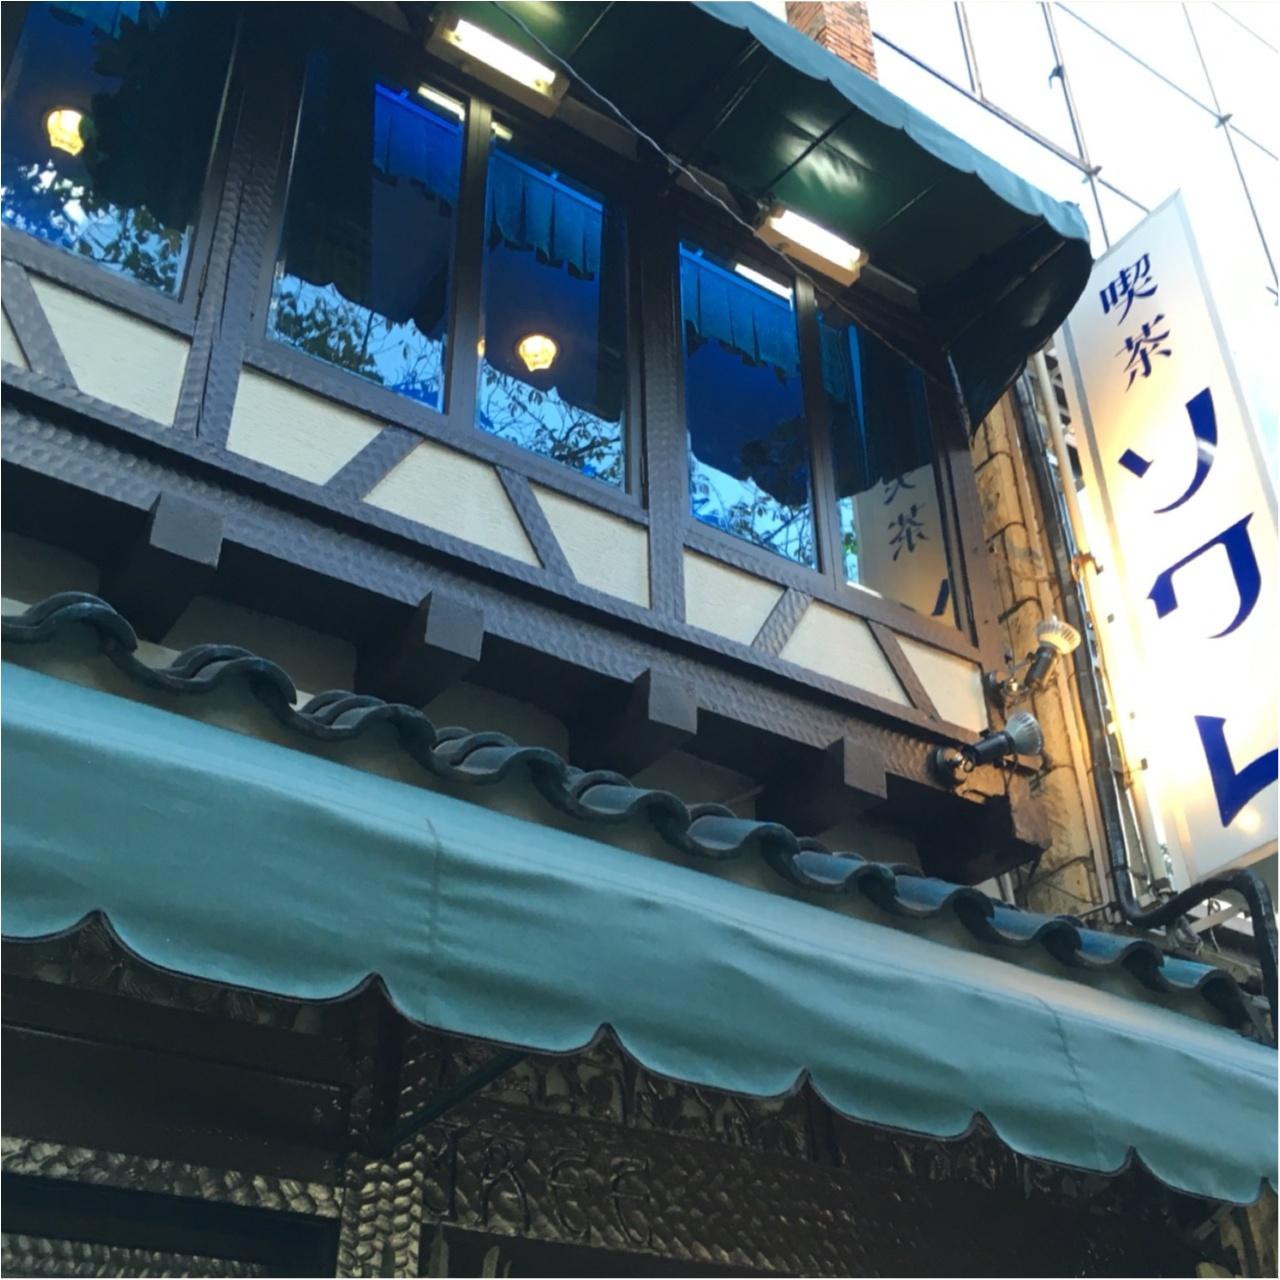 京都女子旅特集《2019年版》- 旅する女子がおすすめする、インスタ映えスポットやカフェ、レンタル着物は?_45